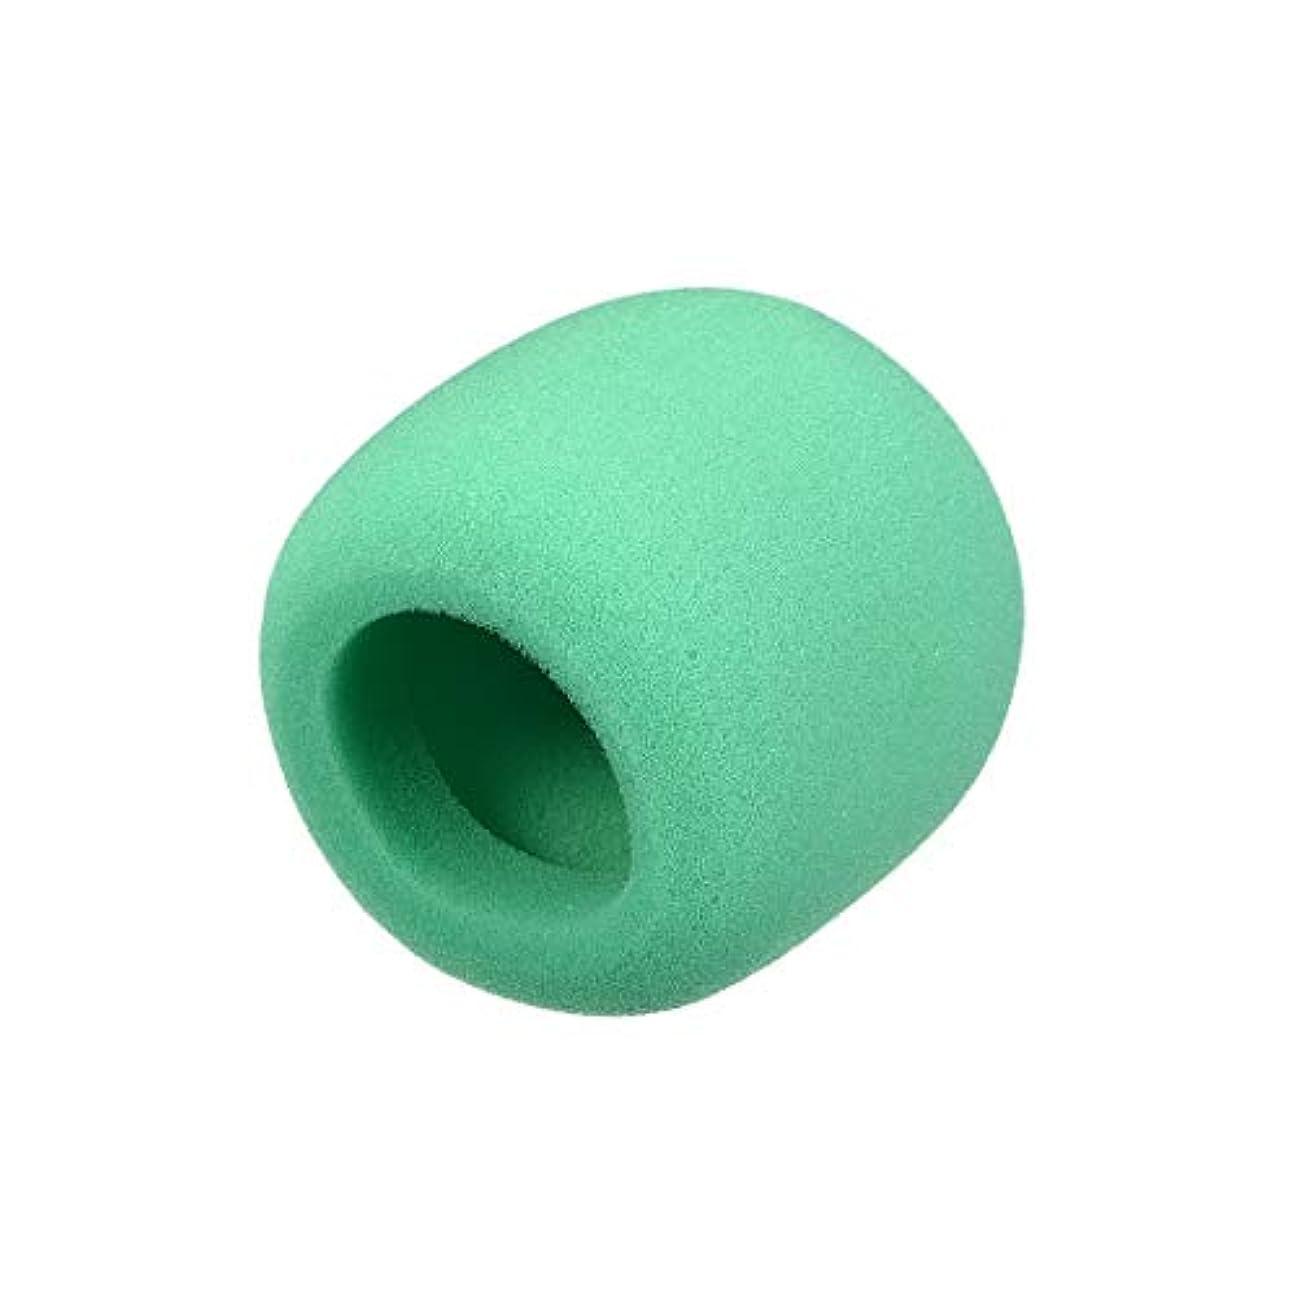 びっくりした液体相互接続uxcell フォームマイクカバー 厚スポンジ 外径60mm ハンドヘルドマイクウインドスクリーン グリーン KTV 1個入り